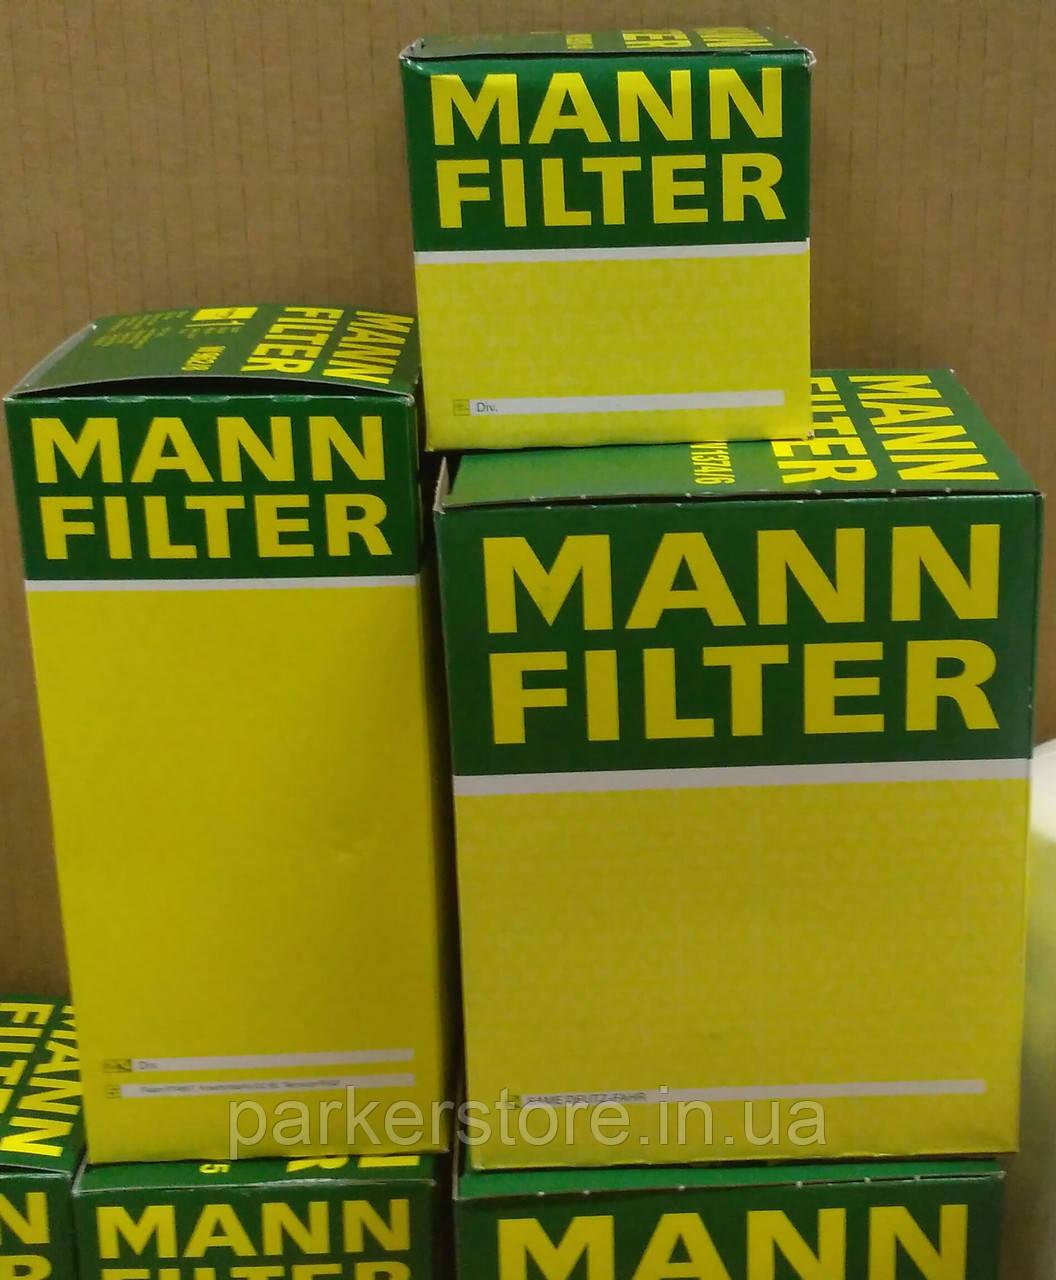 MANN FILTER / Воздушный фильтр / C 28 125/1 / C28125/1